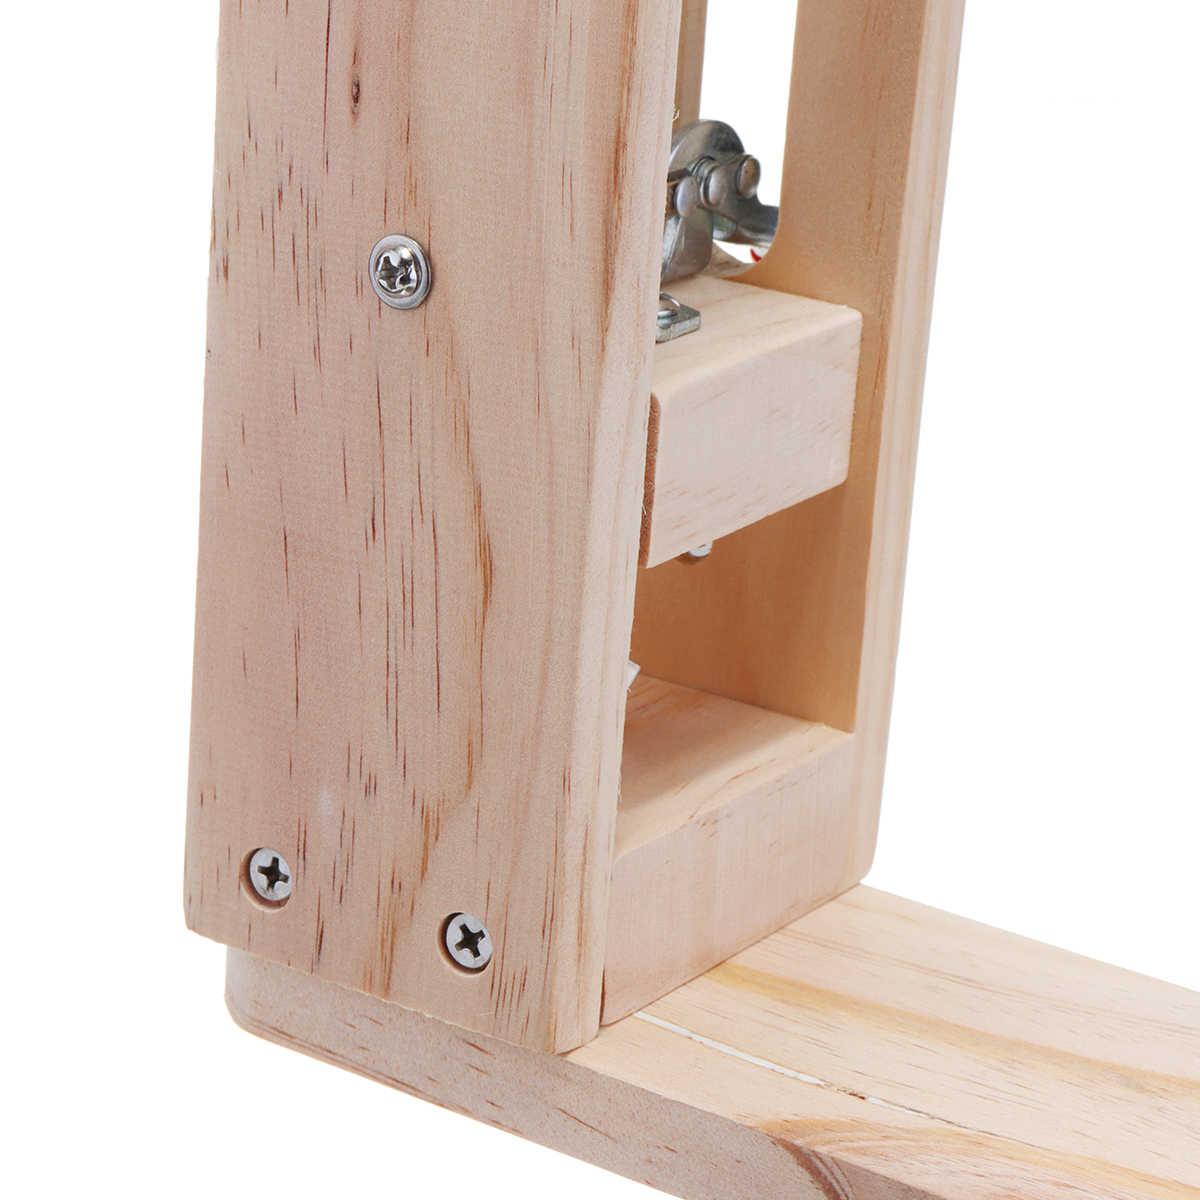 الخشب أدوات خياطة الجلود الحرفية الاحتفاظ كليب DIY أداة اليد مجموعة الجدول سطح المكتب خياطة جلد المهر الحصان المشبك أدوات